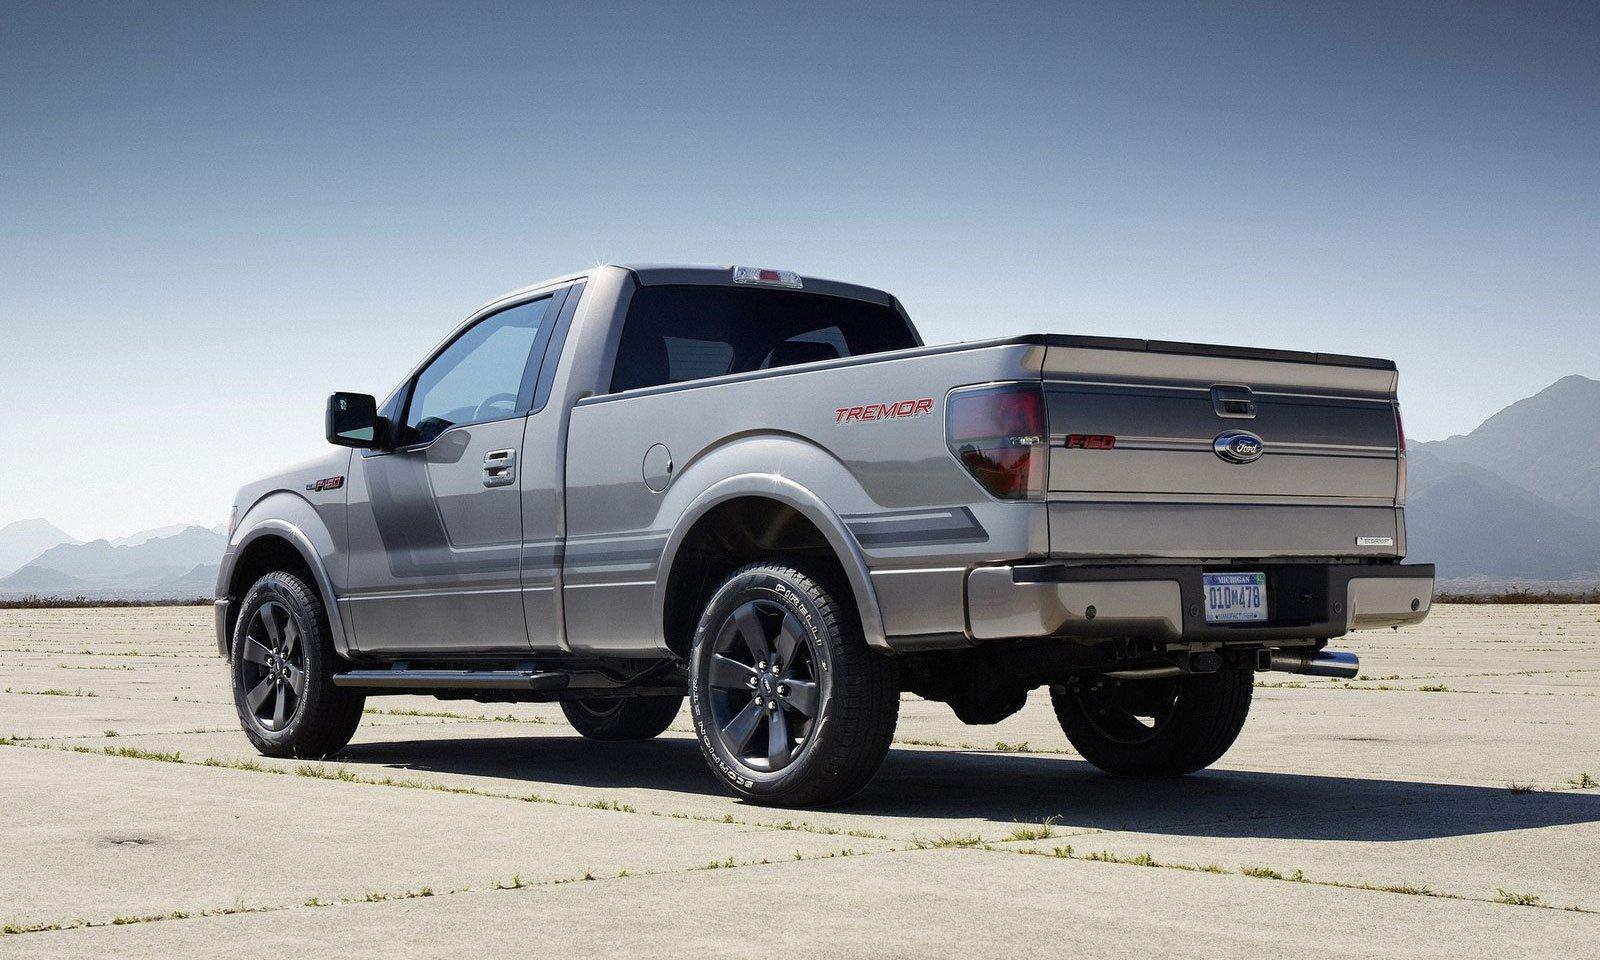 F 150 Tremor >> 2014 Ford F-150 Tremor – Ecoboost V6 for V8 power Image 183721